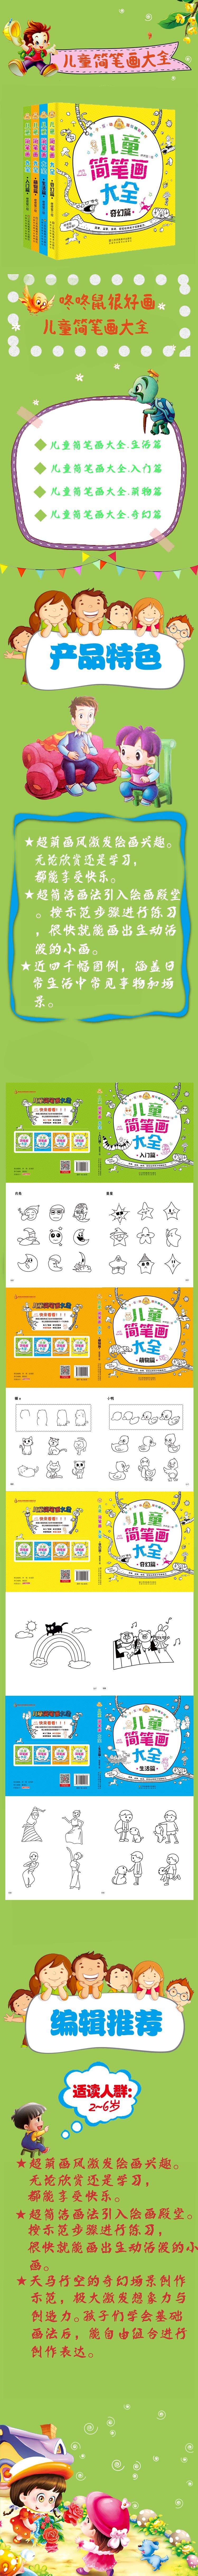 儿童简笔画大全-萌物篇 奇幻篇 入门篇 生活篇一套4本/儿童图画图书3